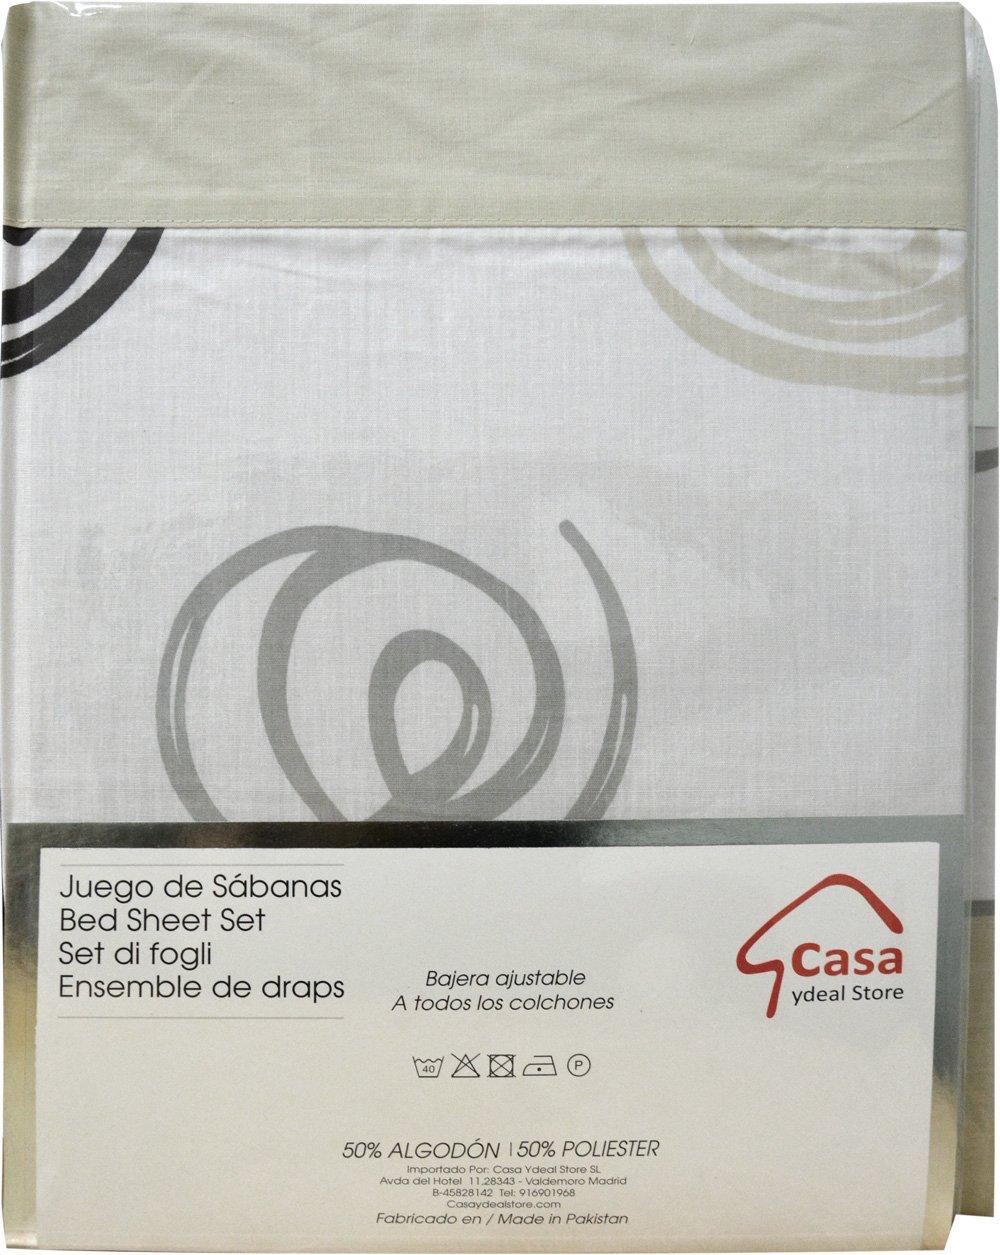 Casa Ydeal Store Juego de Sábanas Espirales 50% algodón 50% poliéster (135cm, Beige): Amazon.es: Hogar